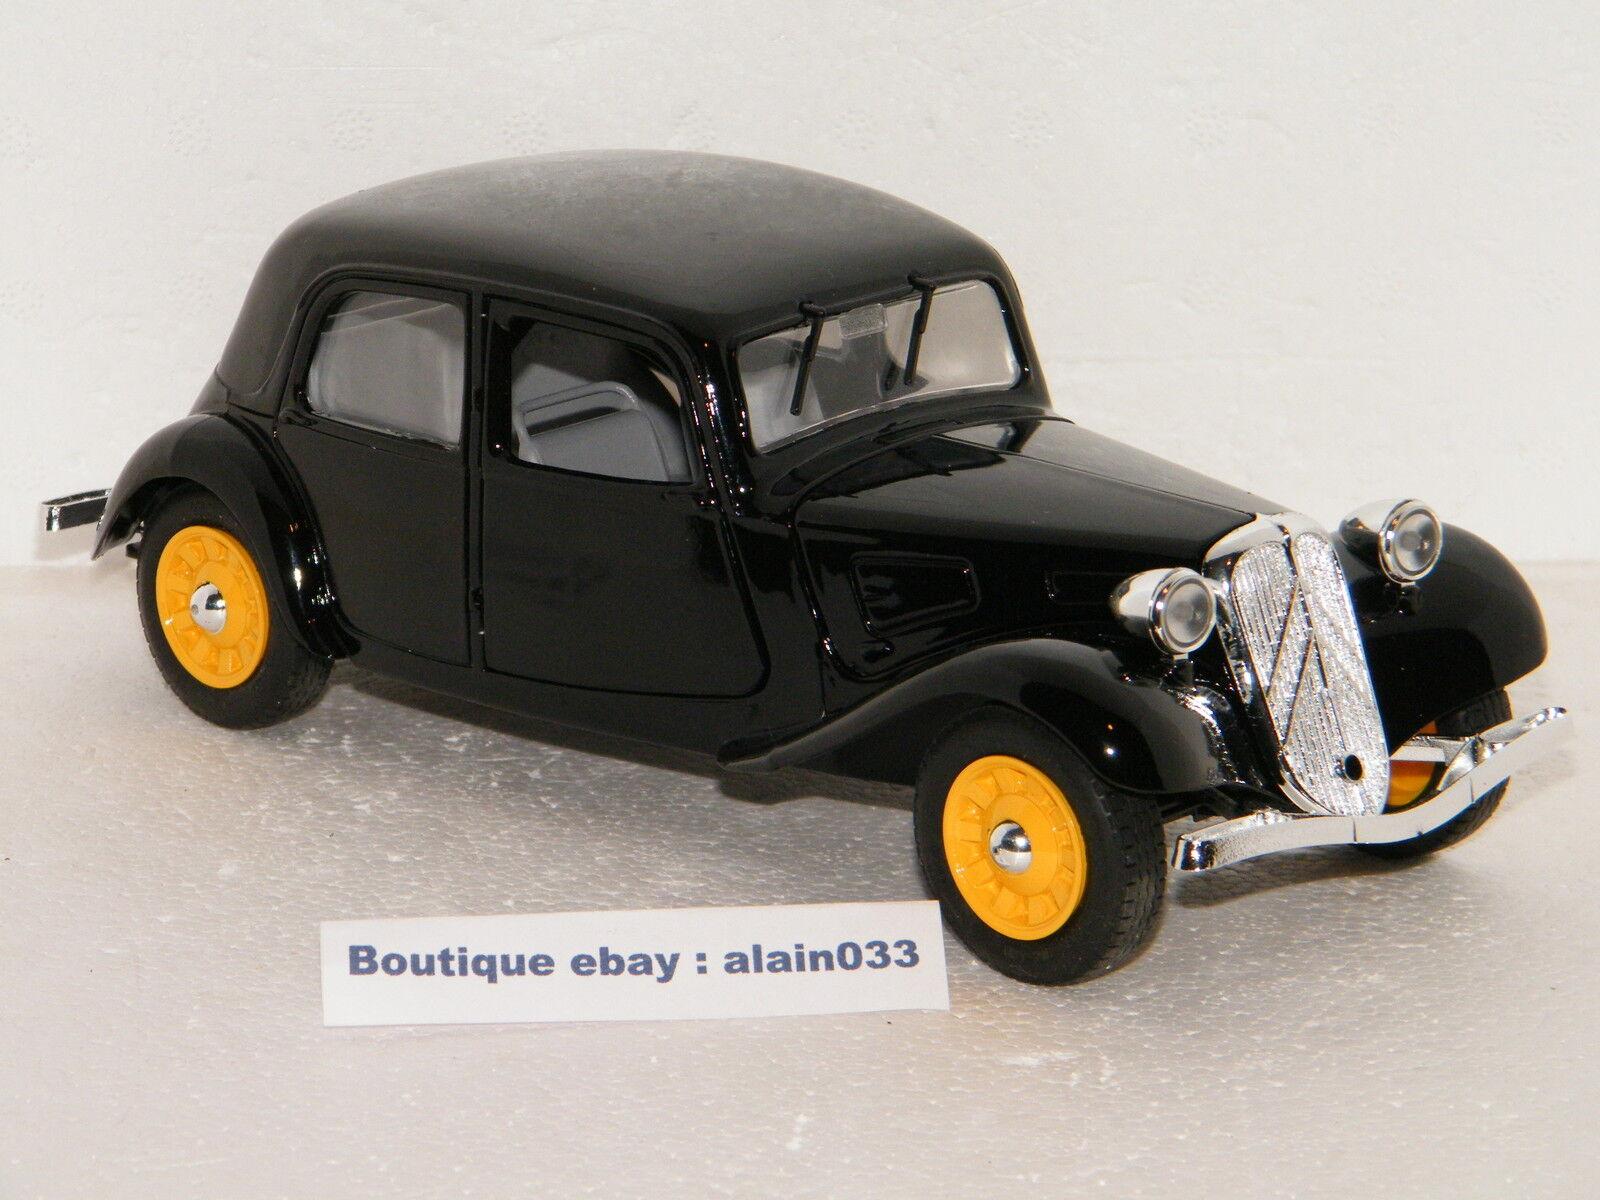 CITROËN TRACTION 11 LEGERE BERLINE schwarzE ELIGOR 1 20 Ref 160016  MADE IN FRANCE